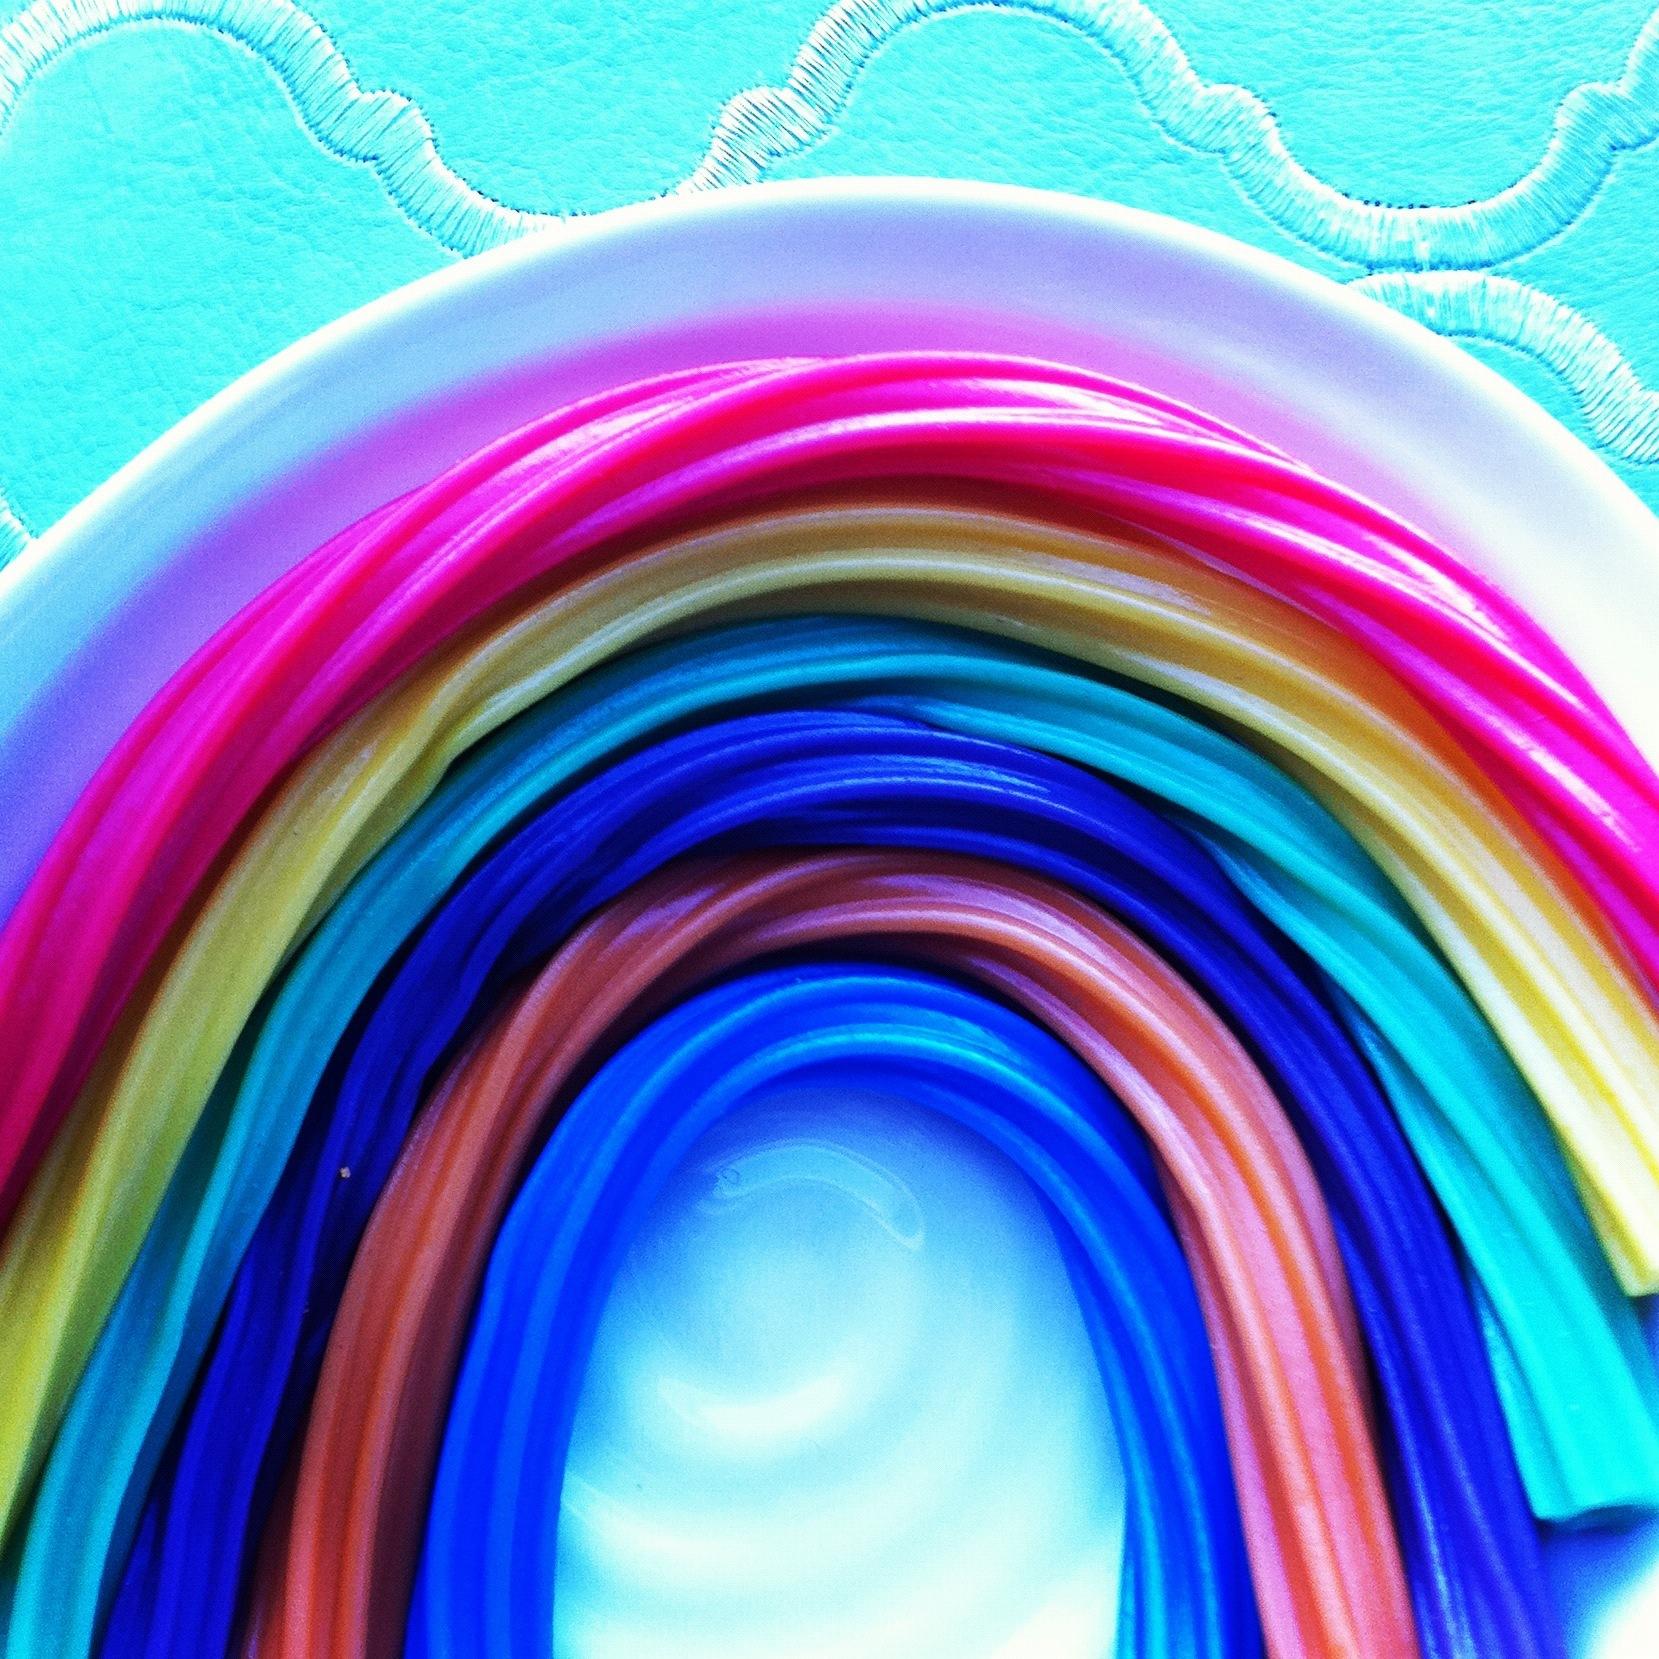 rainbow photo small